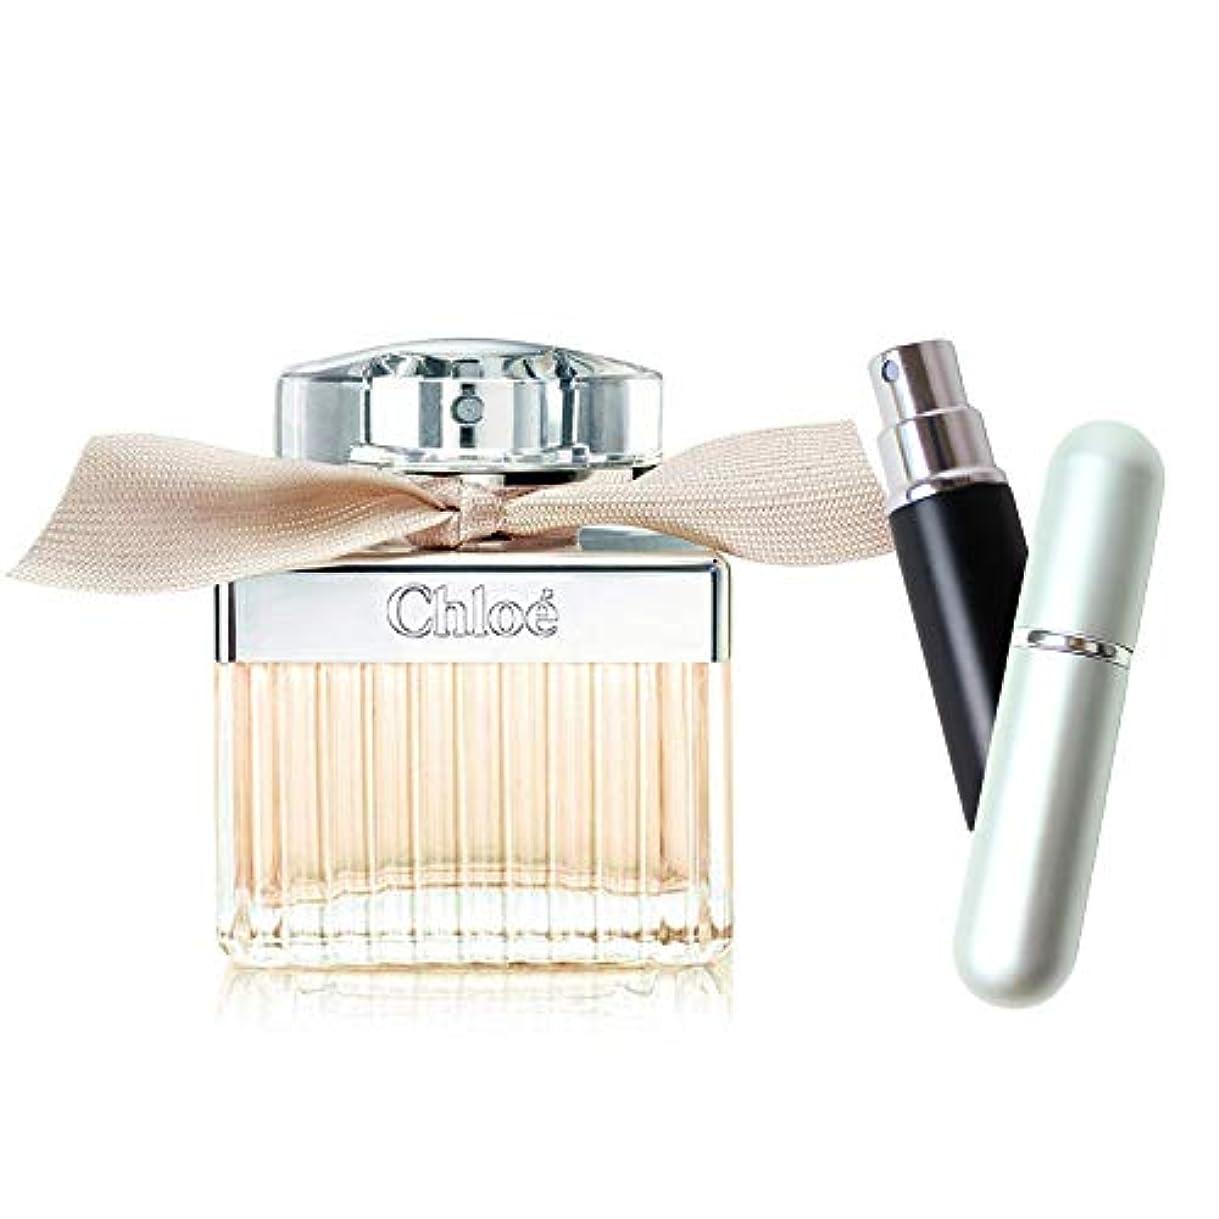 [セット品] アトマイザー付き クロエ 香水 オードパルファム EDP 50ml